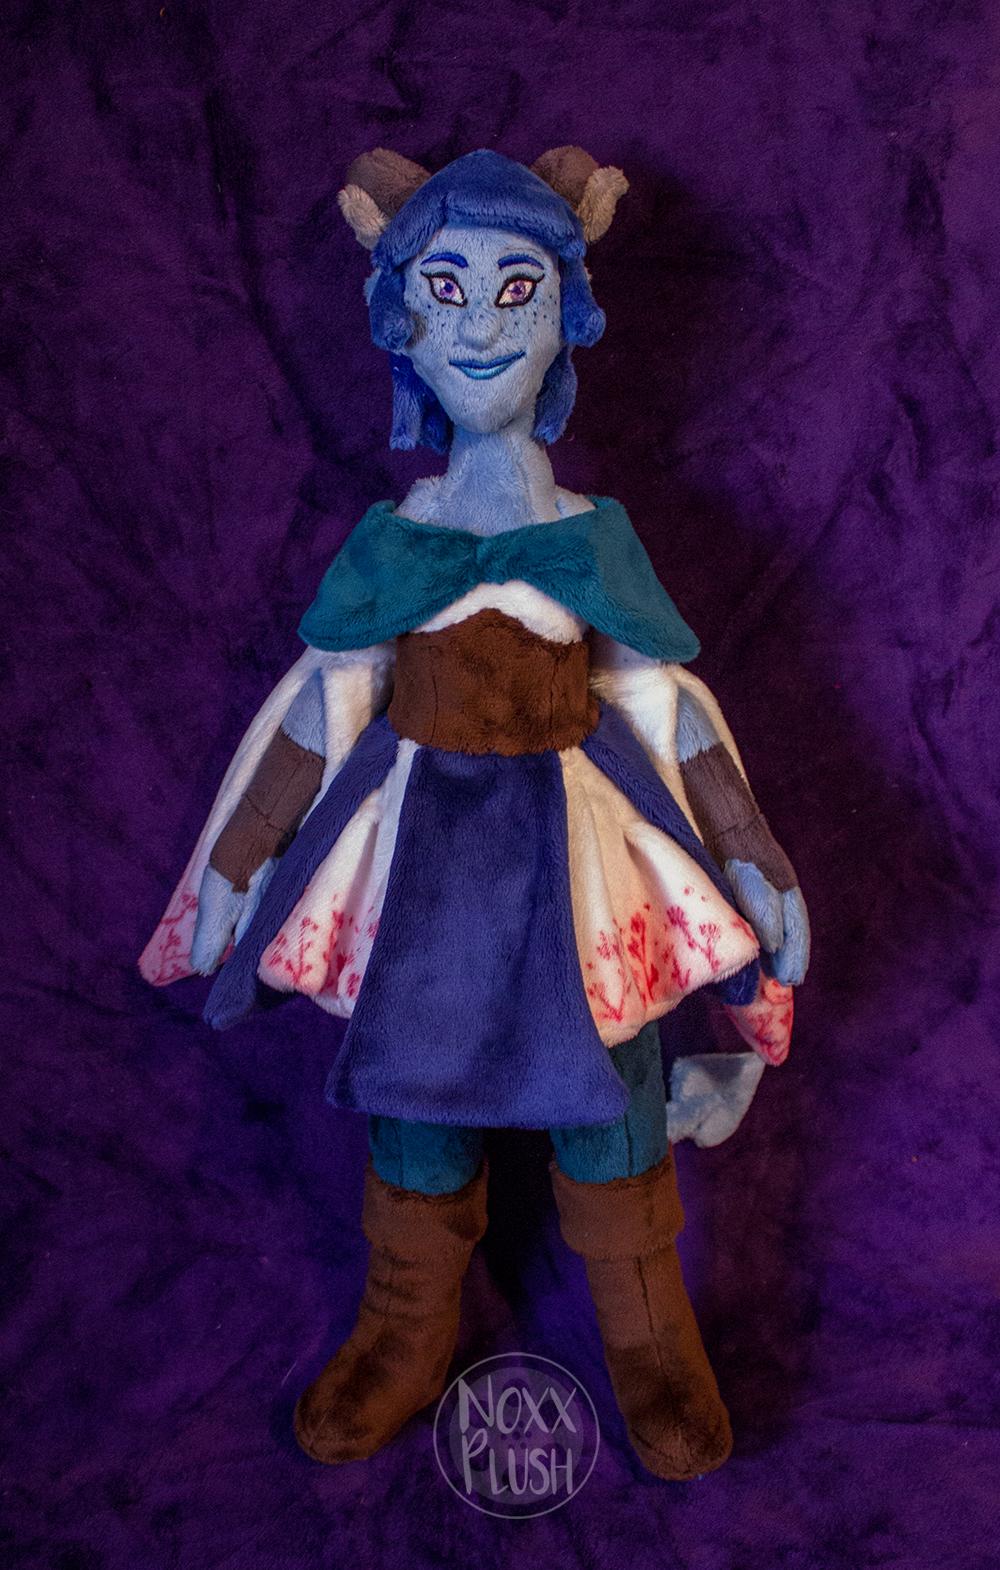 Little Blue Tiefling By Noxxplush On Deviantart